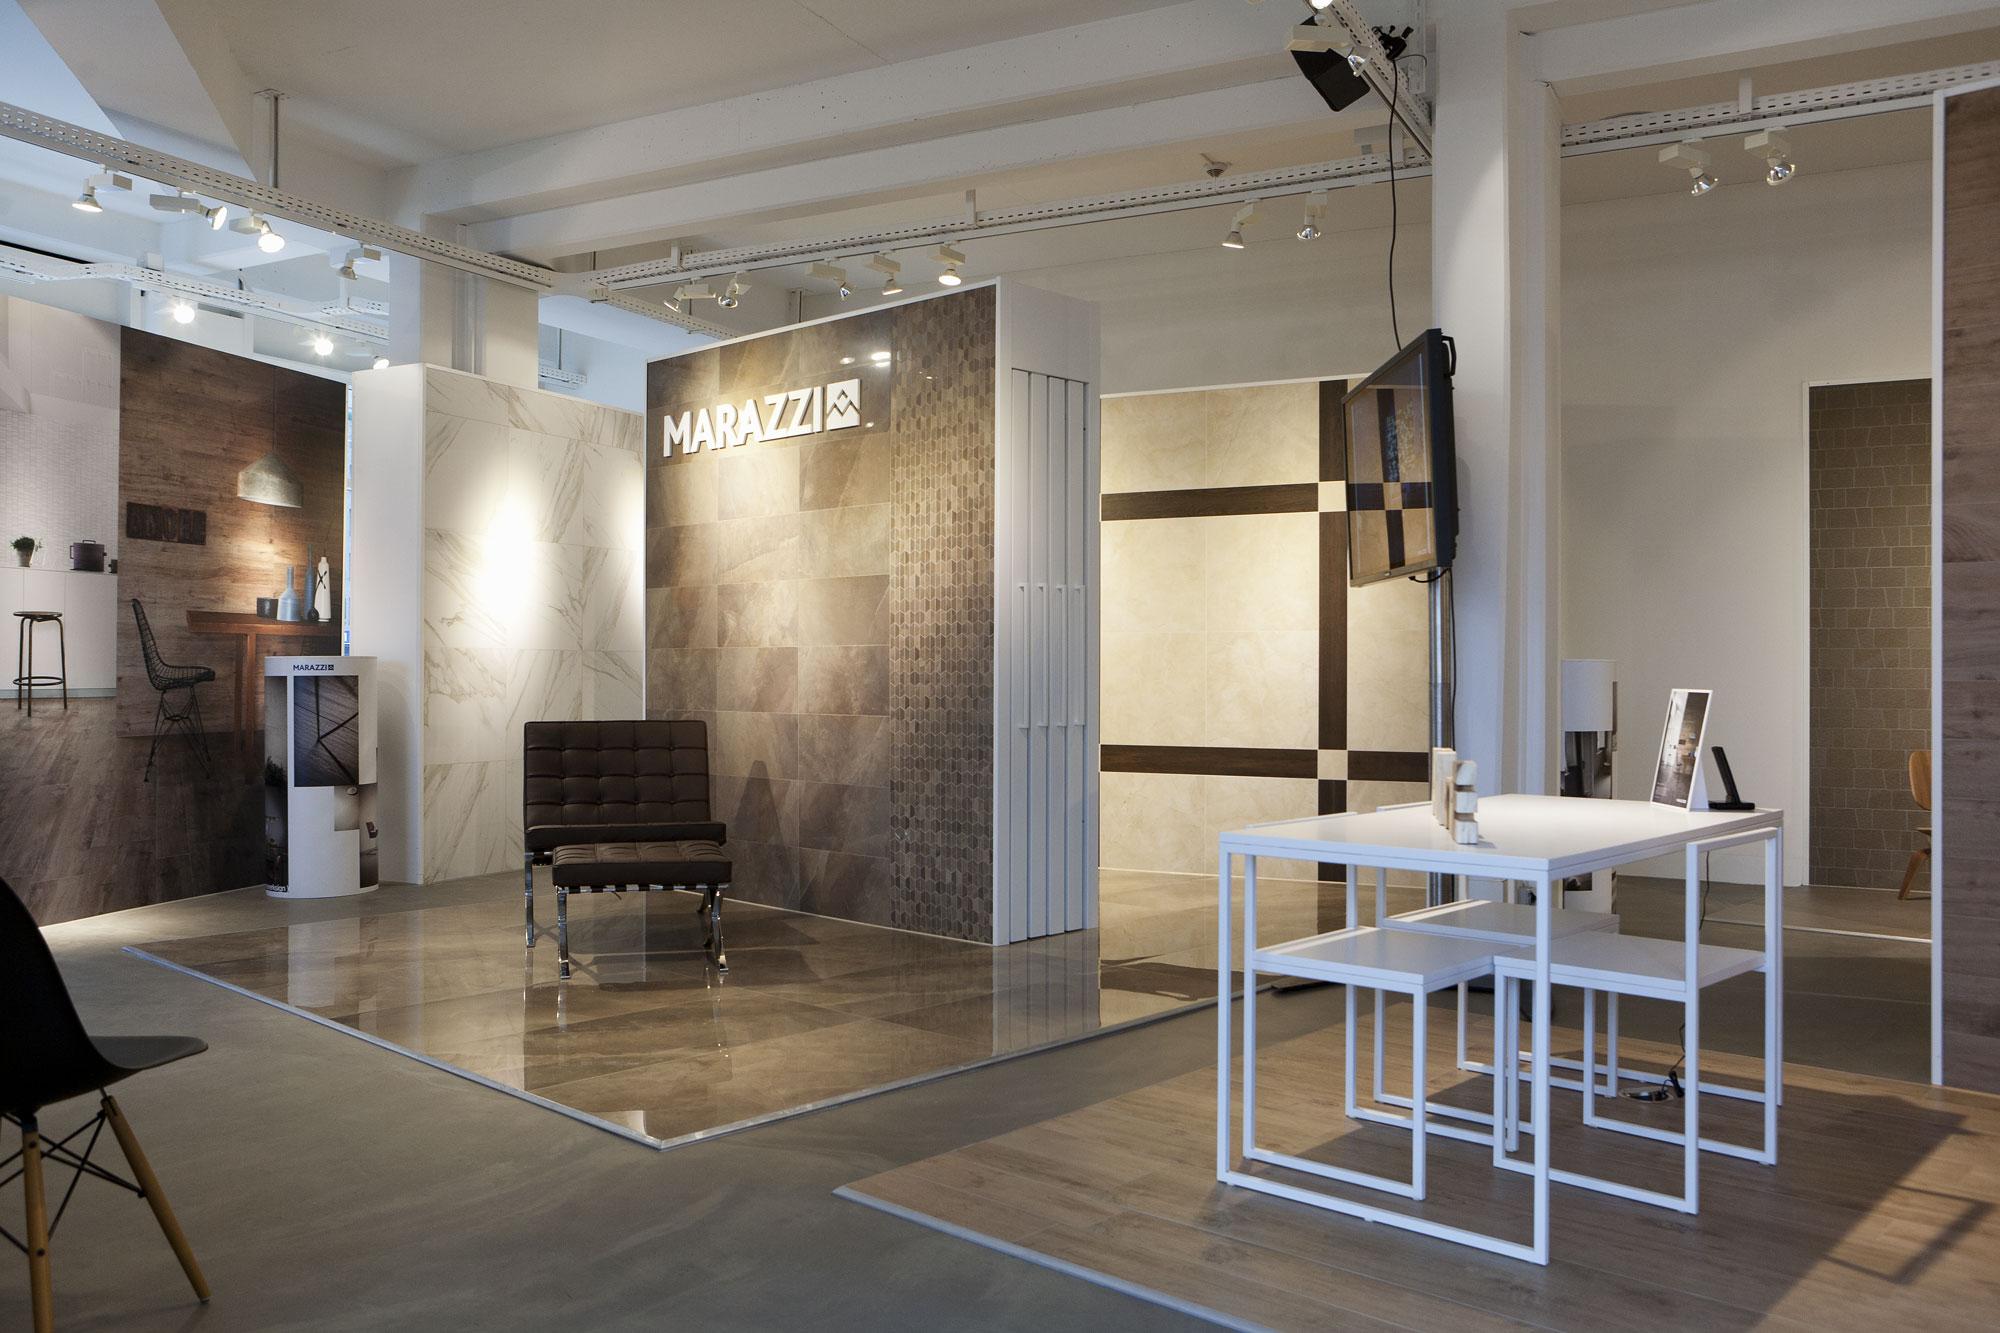 Marazzi Showroom Hamburg De Uainot